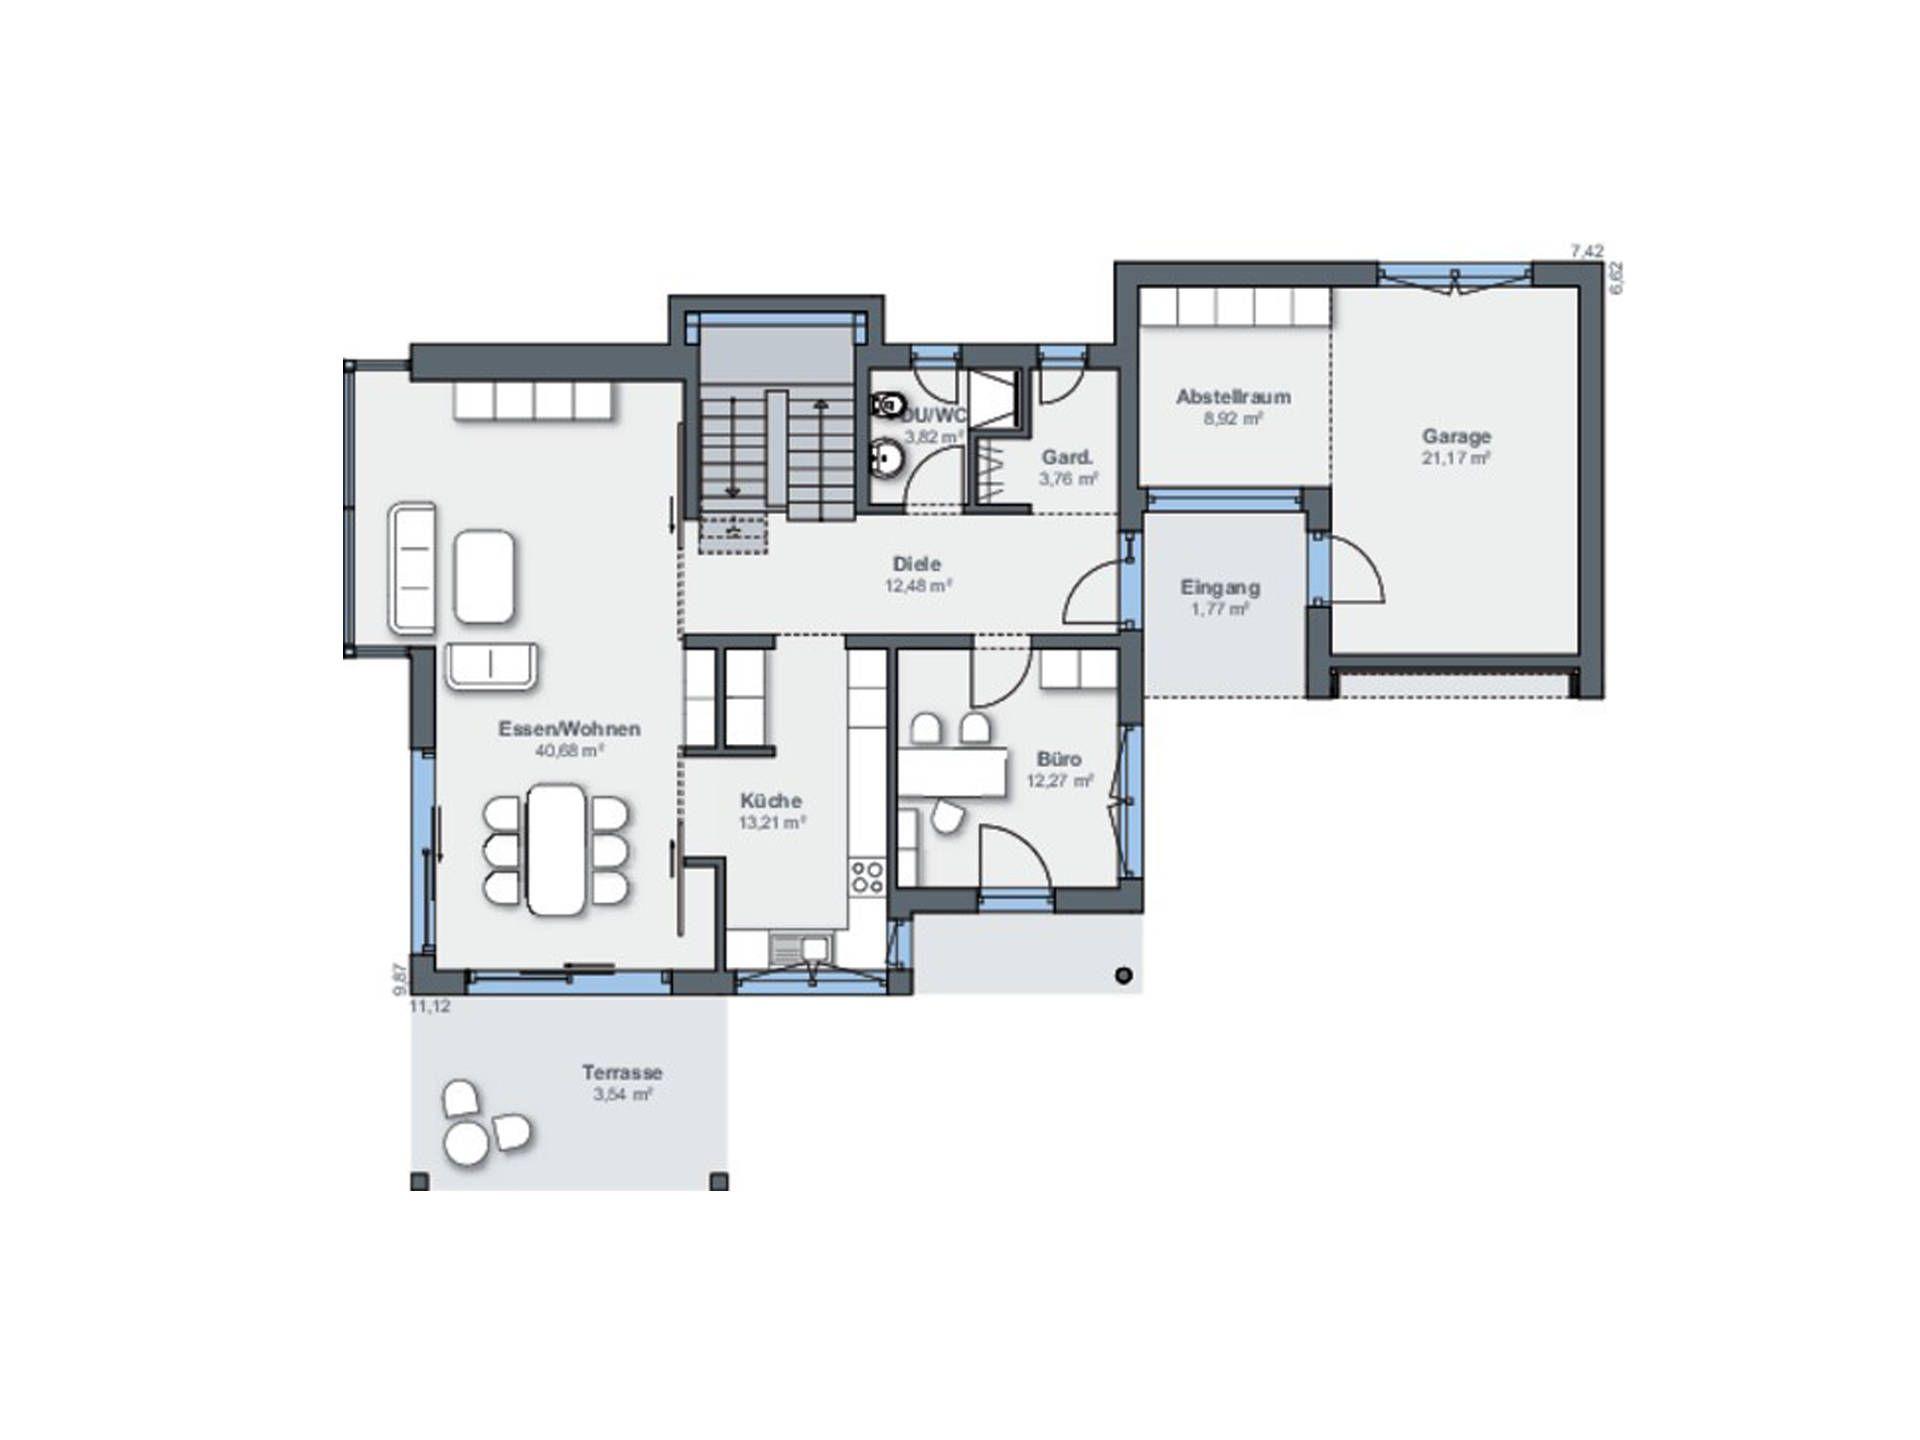 Musterhaus grundriss  Musterhaus Citylife 250 Grundriss EG | moder ev plan | Pinterest ...